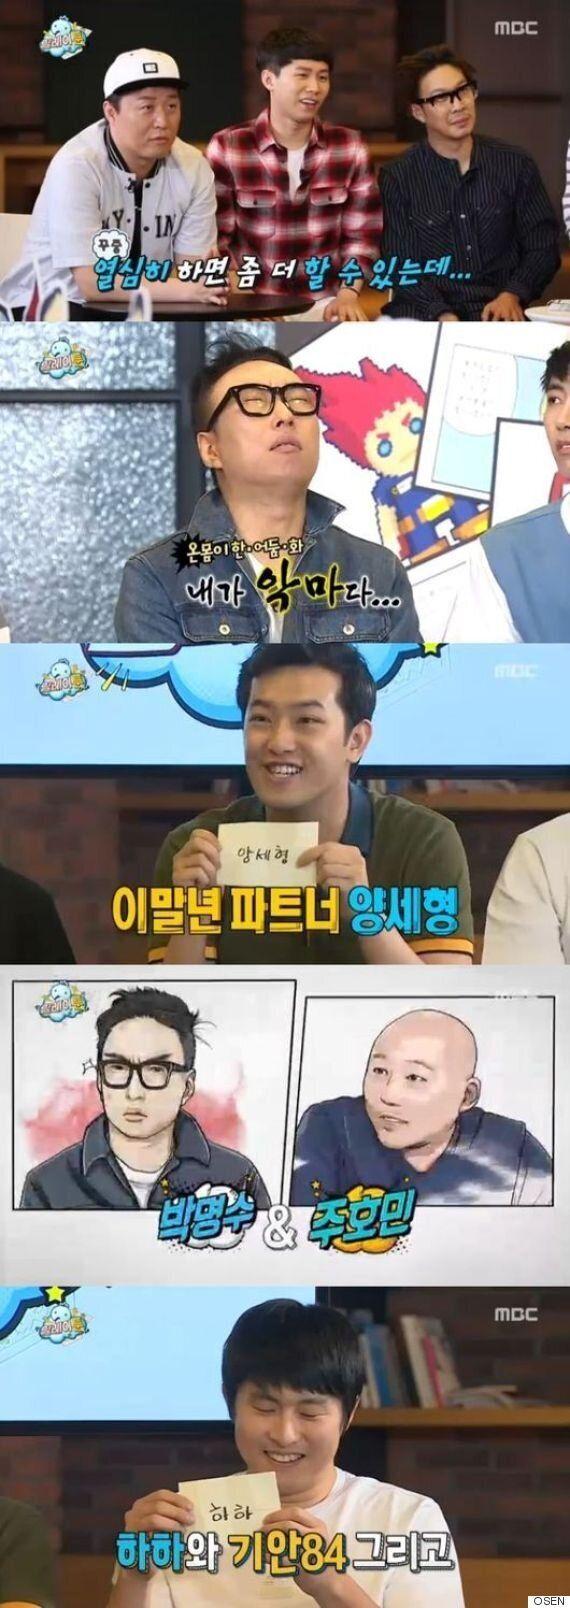 '무도' 윤태호X광희, 유재석X무적핑크 짝꿍 짓기